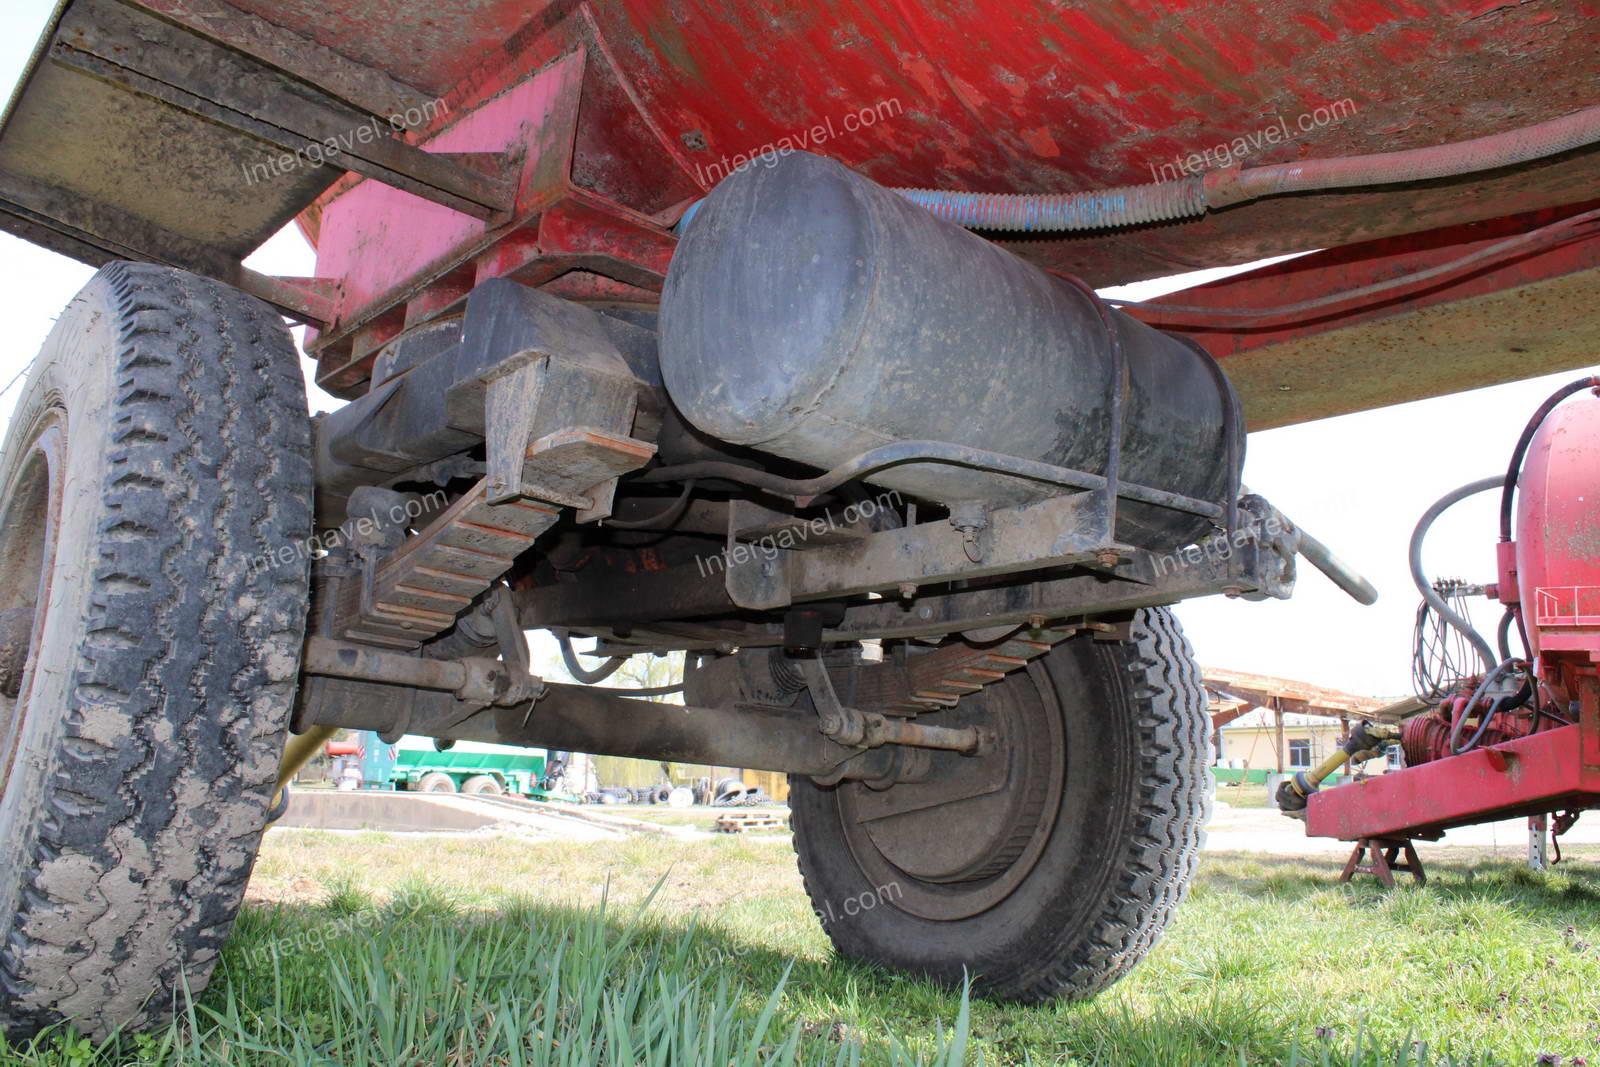 Tanker - Field truck, Detk-205